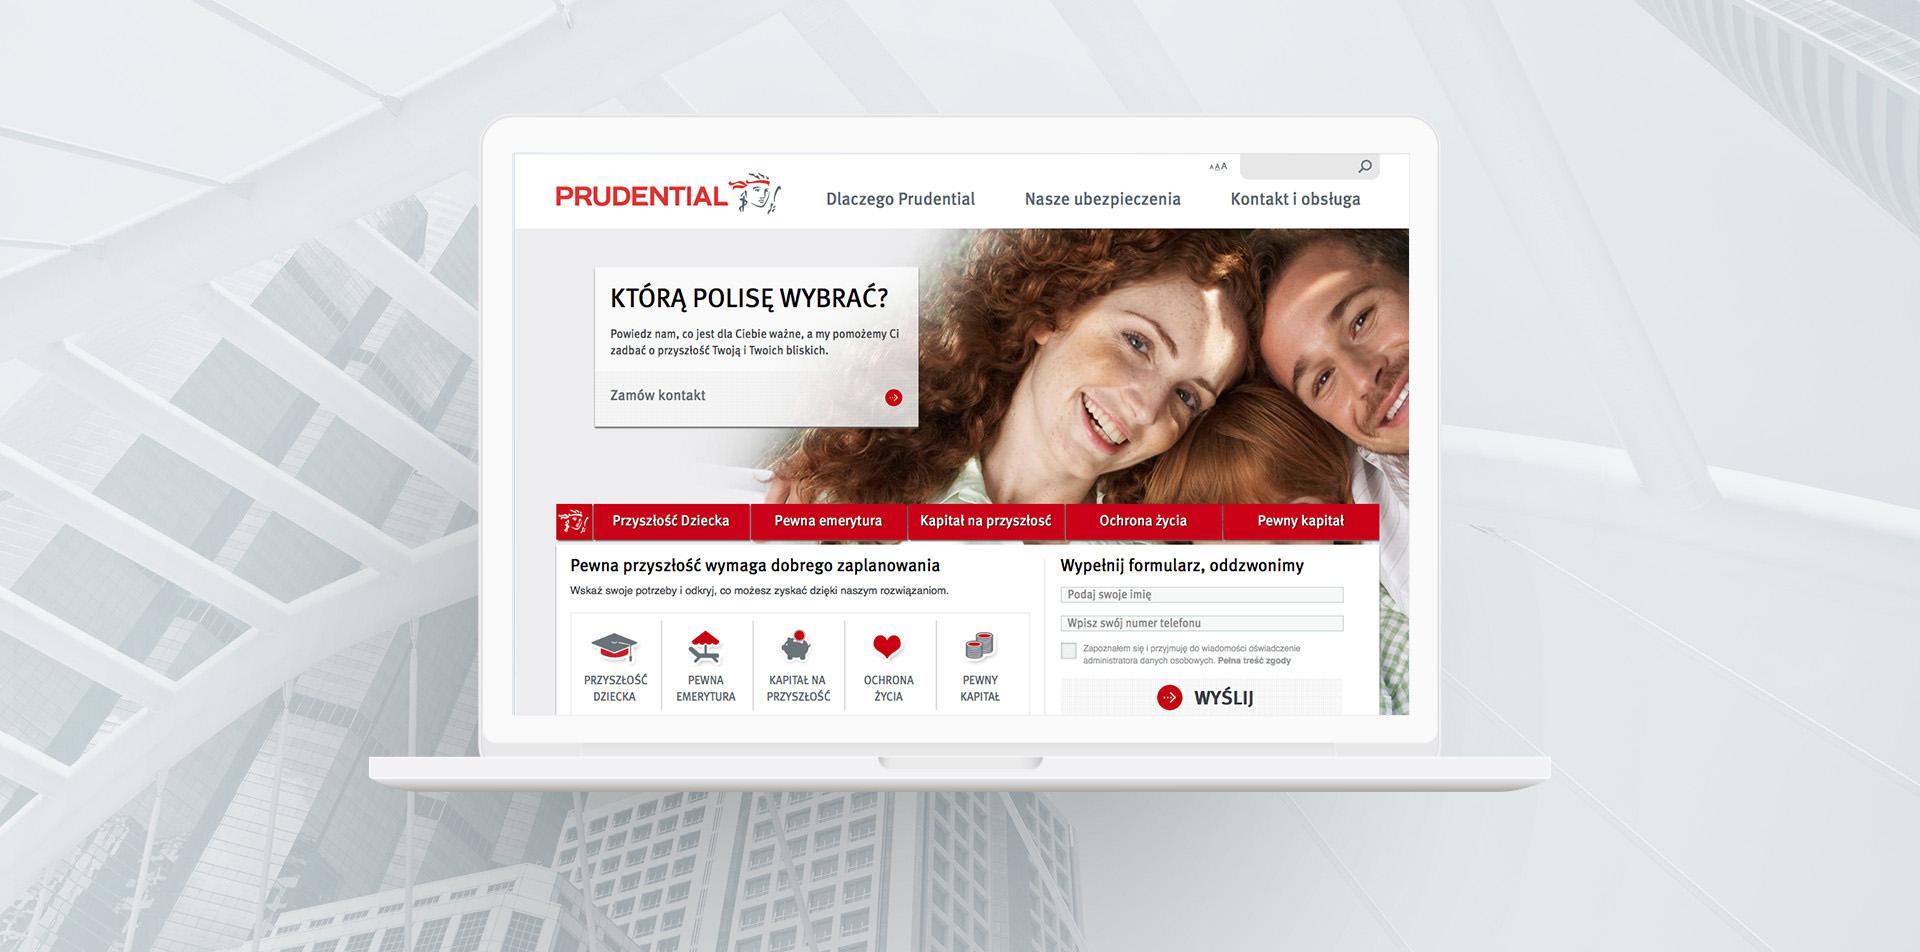 Prudential_ilu01